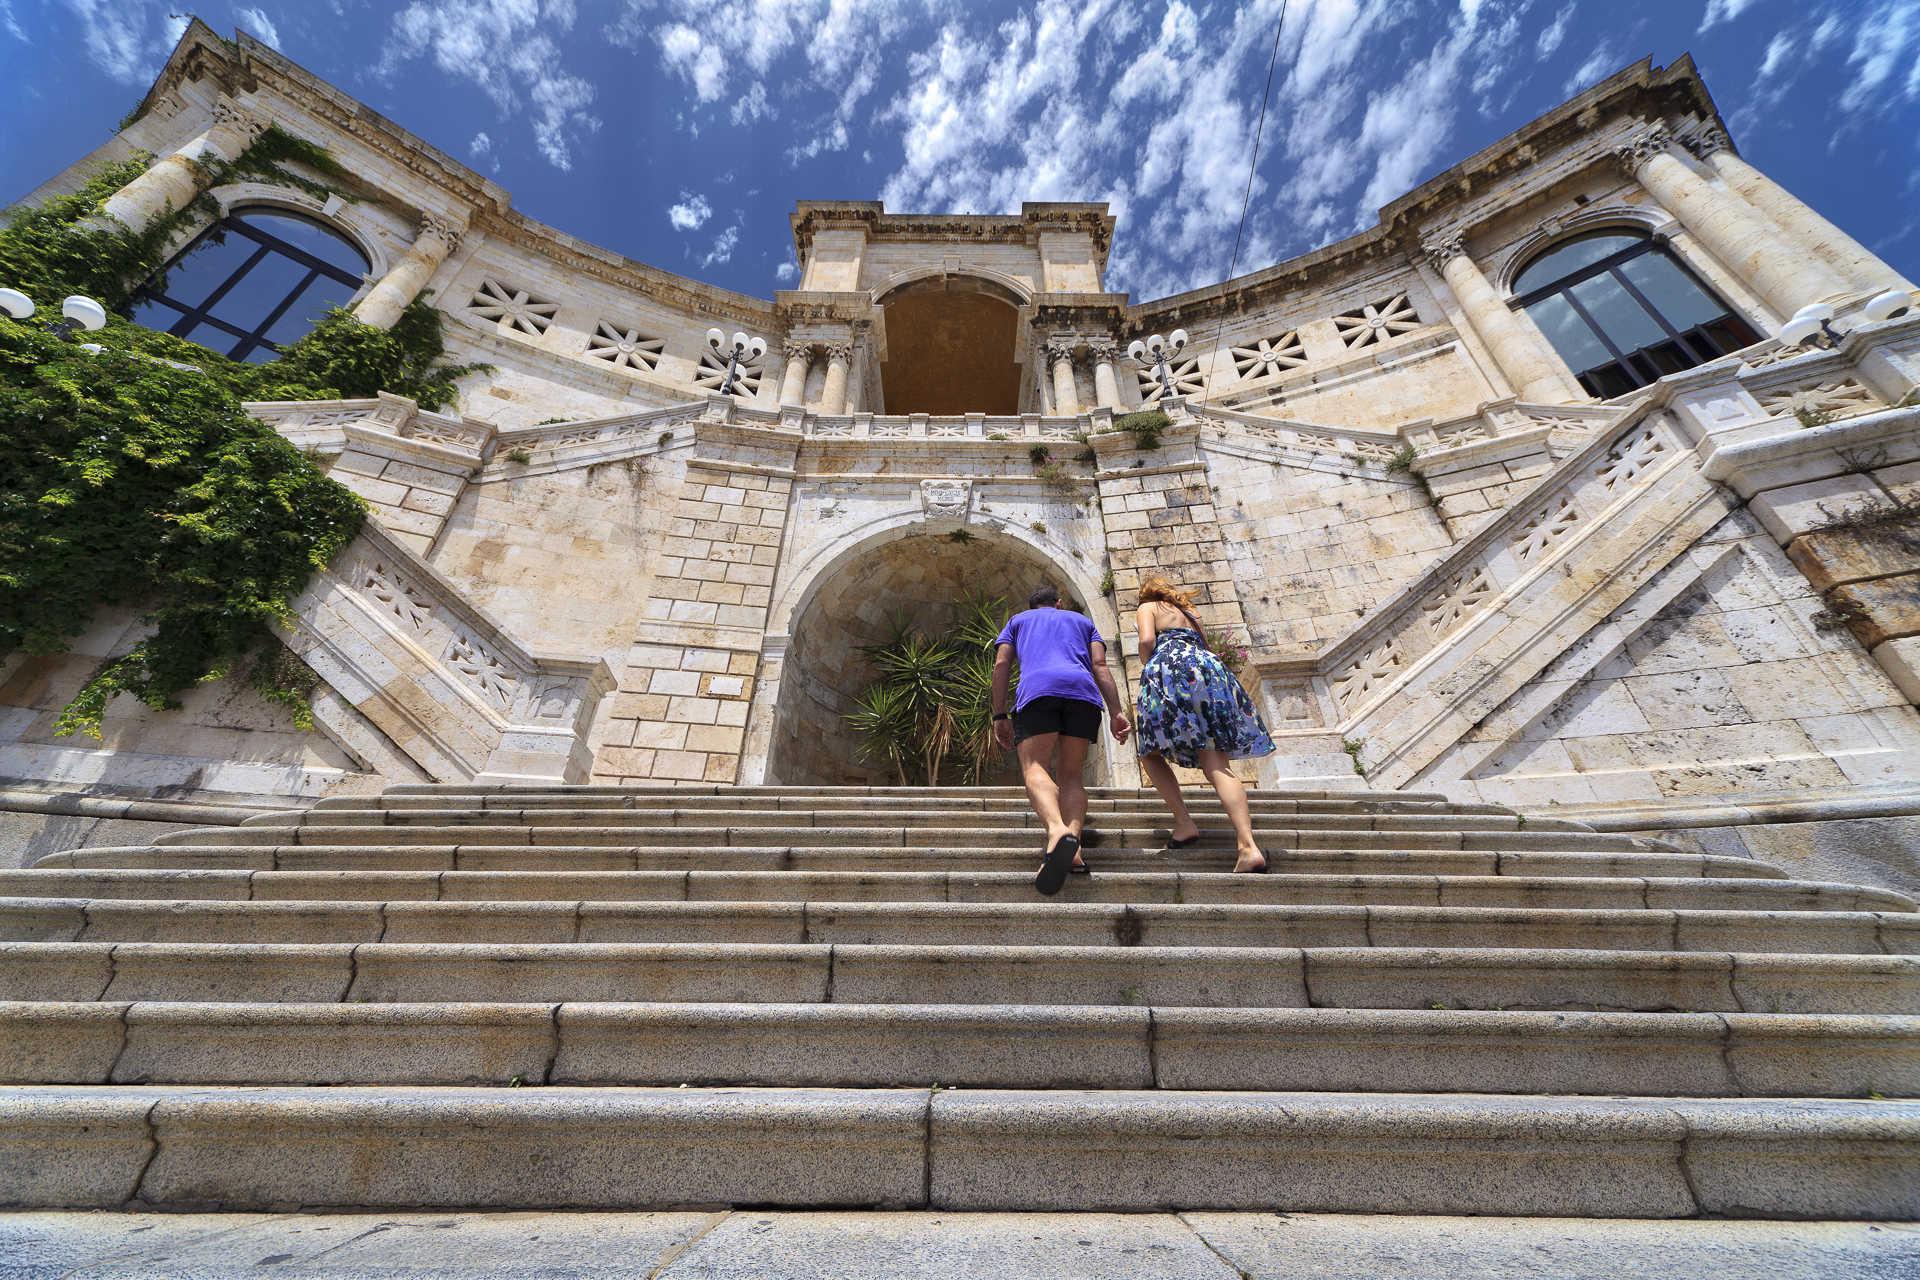 Saint Remy Bastion Sardegnaturismo Sito Ufficiale Del